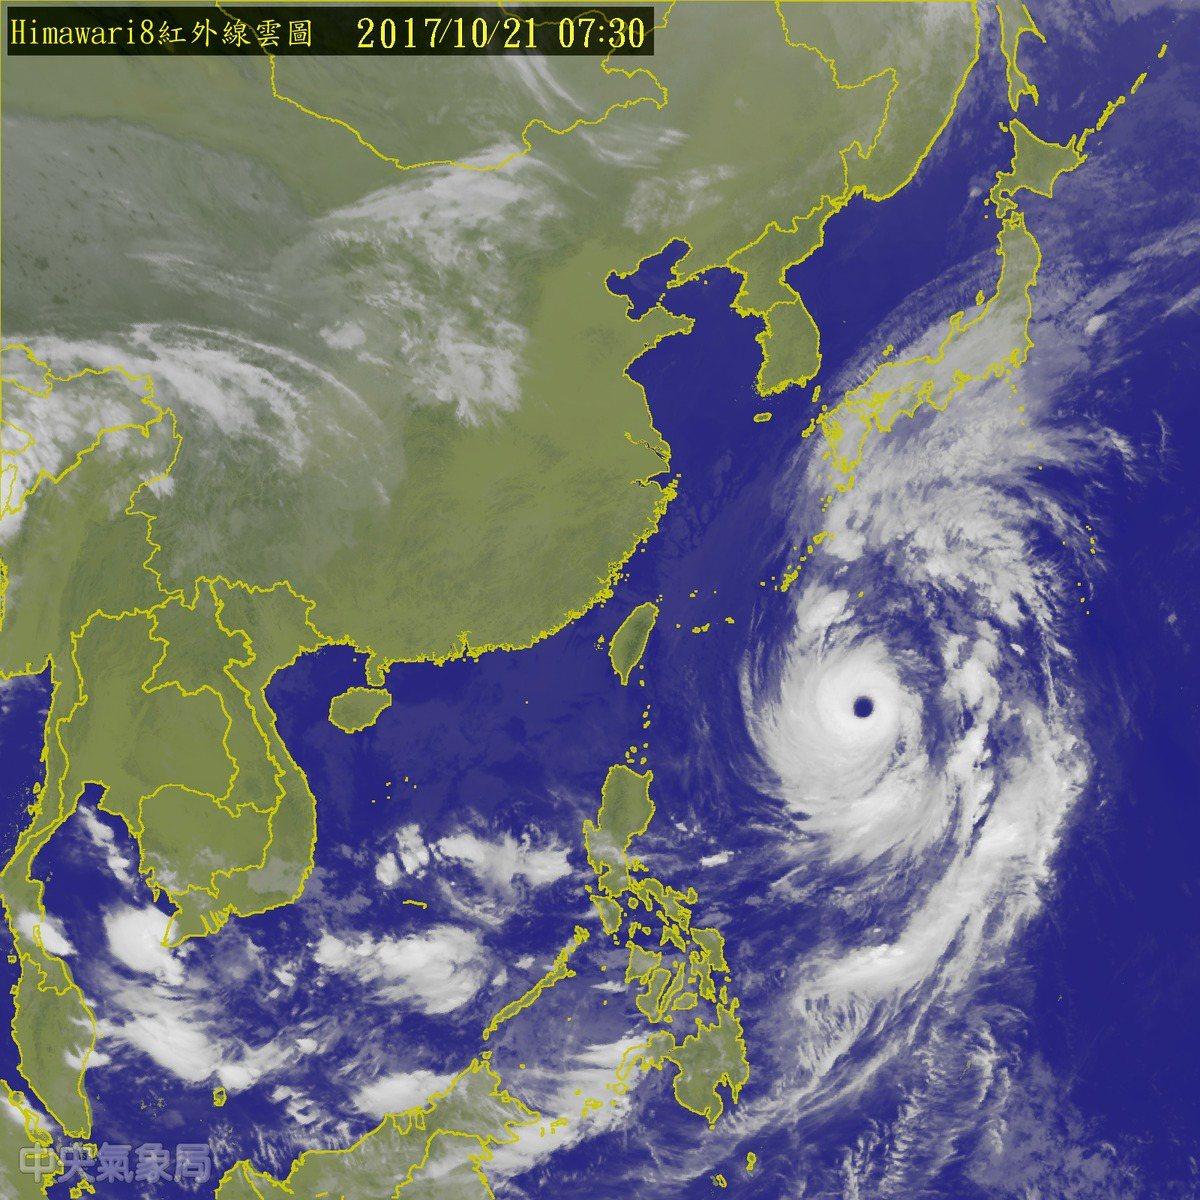 鄭明典表示,蘭恩颱風有清澈渾圓的大眼。圖/翻攝自氣象局網站